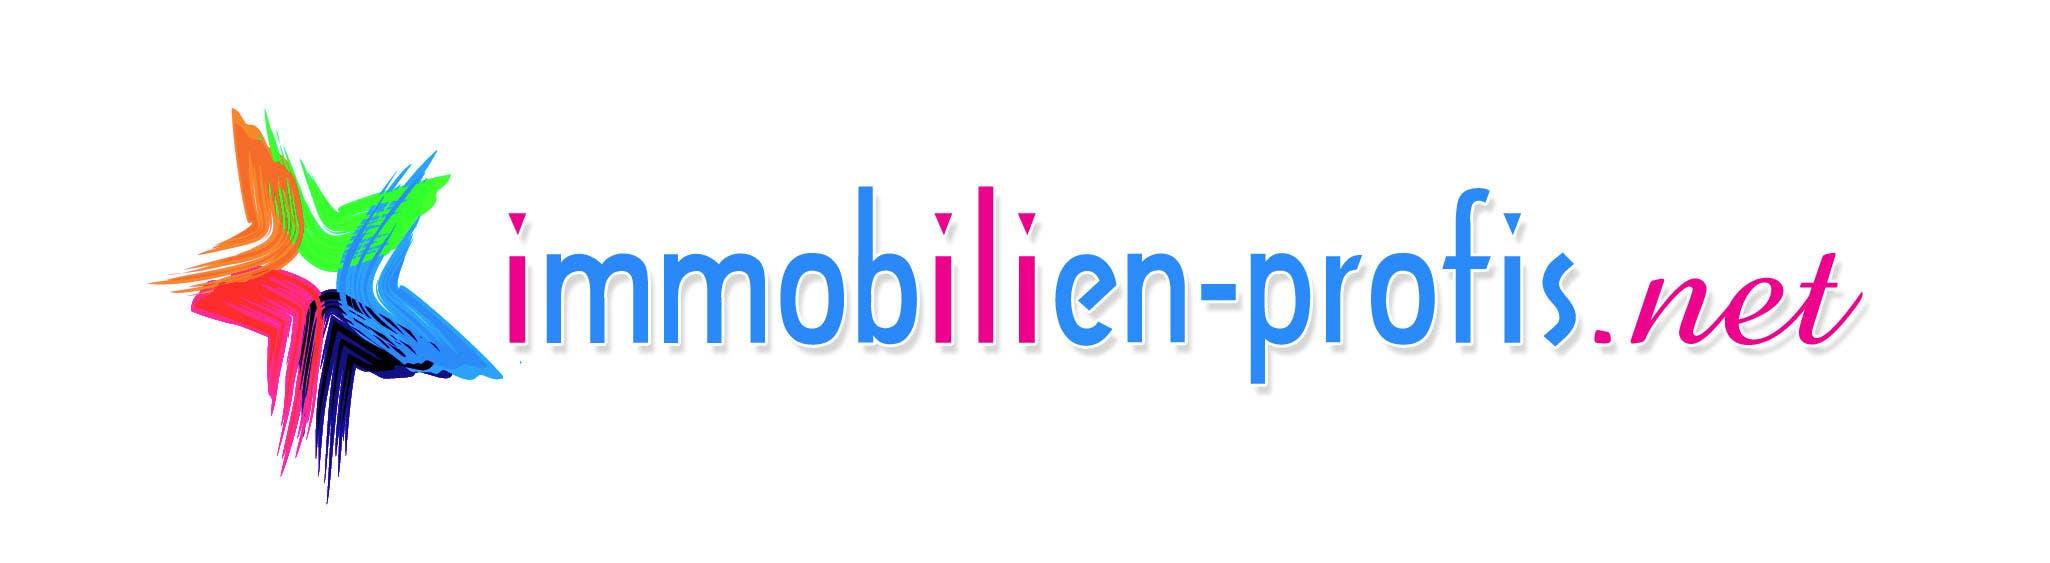 Proposition n°17 du concours Design a text logo